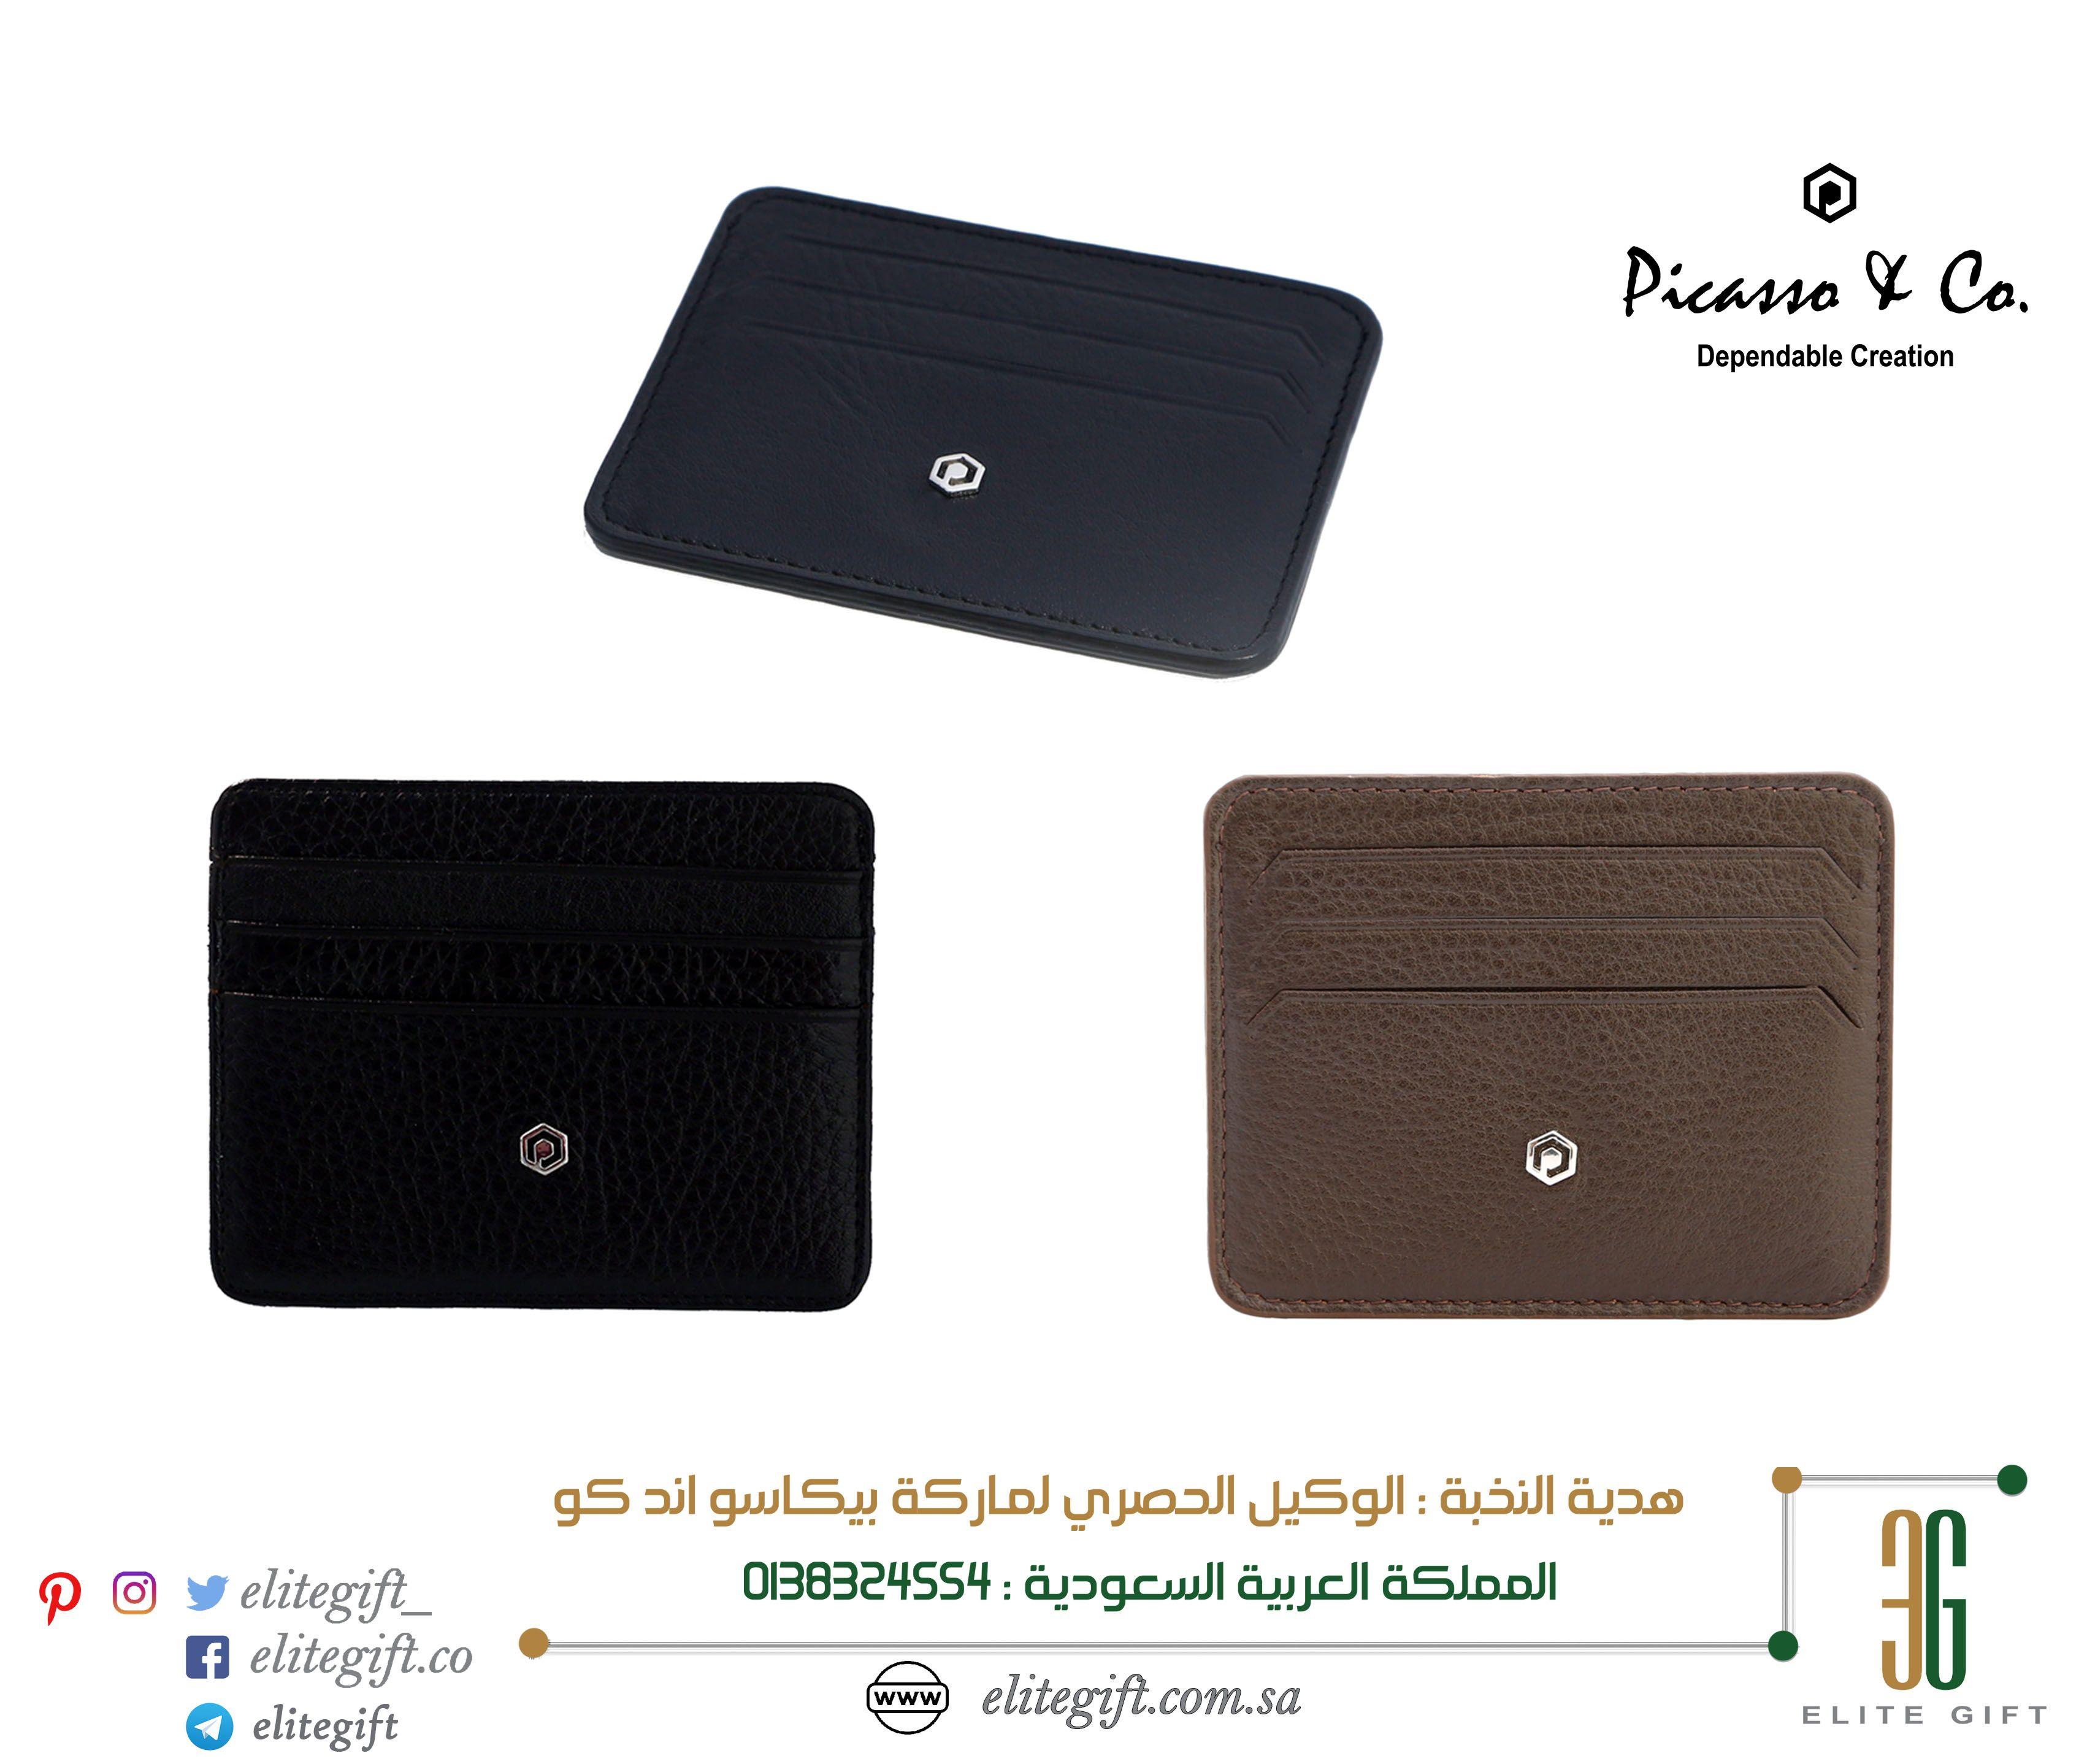 كاردهولدر جلد طبيعي باشكال والوان متعددة بالاضافة الى دقة التصميم لتناسب كلا الجنسين يكتمل التميز بها عندما تكون ماركة بيكاسو ان Wallet Leather Card Case